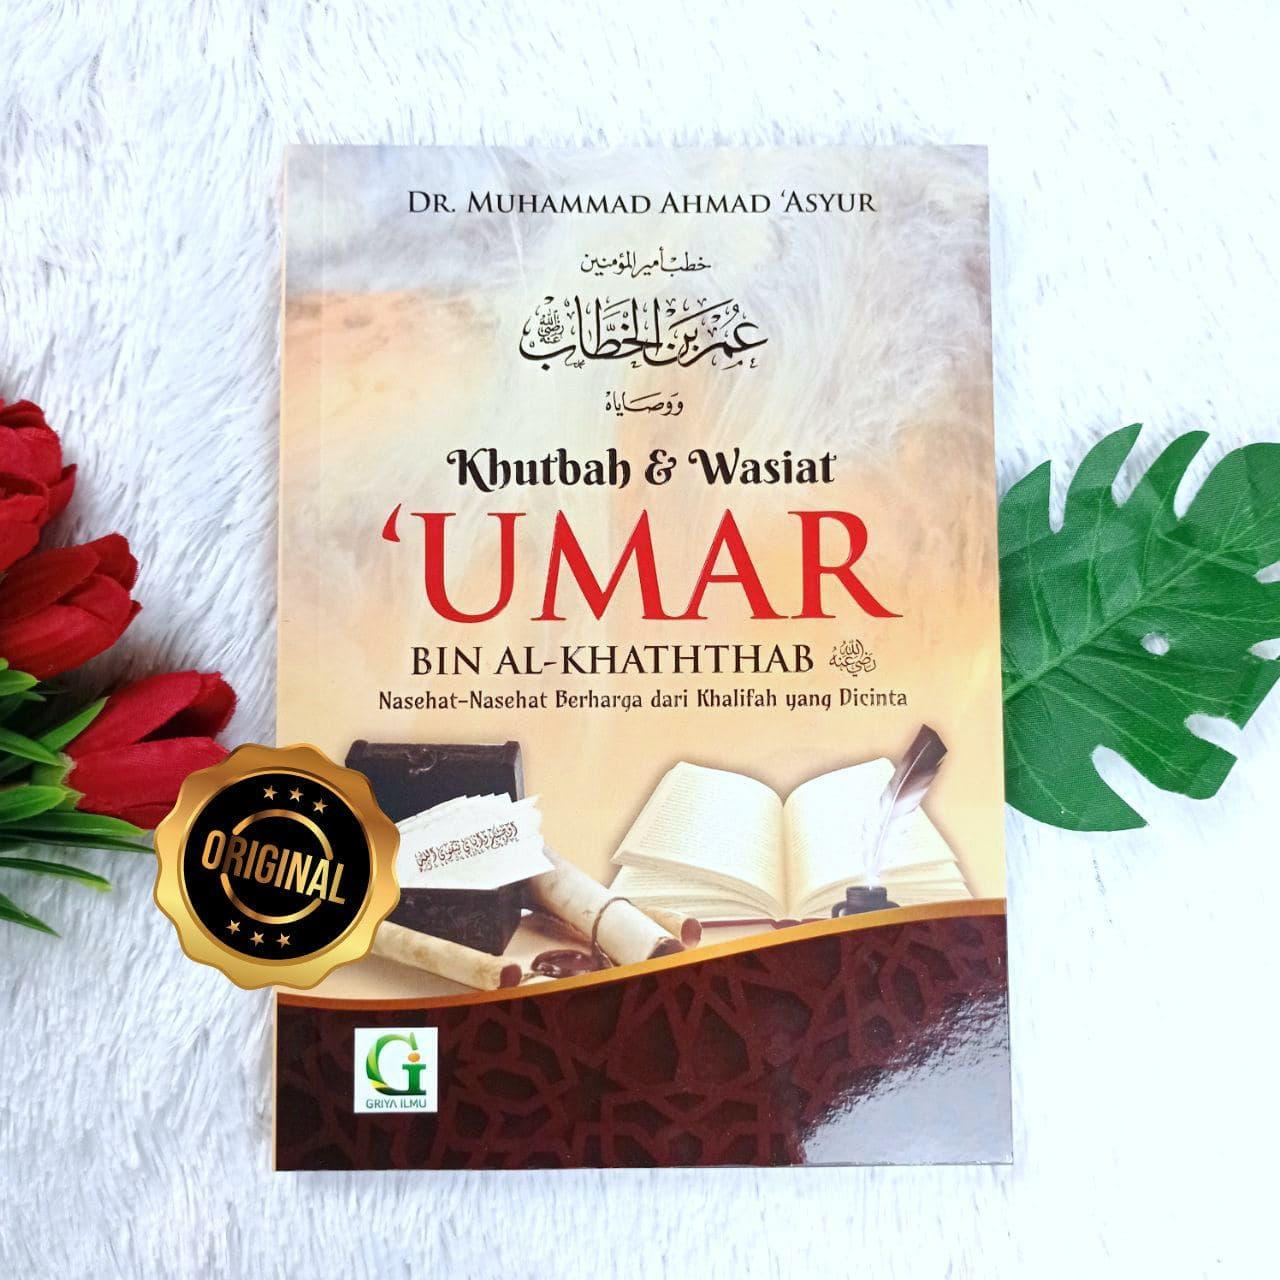 Buku Khutbah Dan Wasiat Umar Bin Al-Khattab Nasehat Berharga